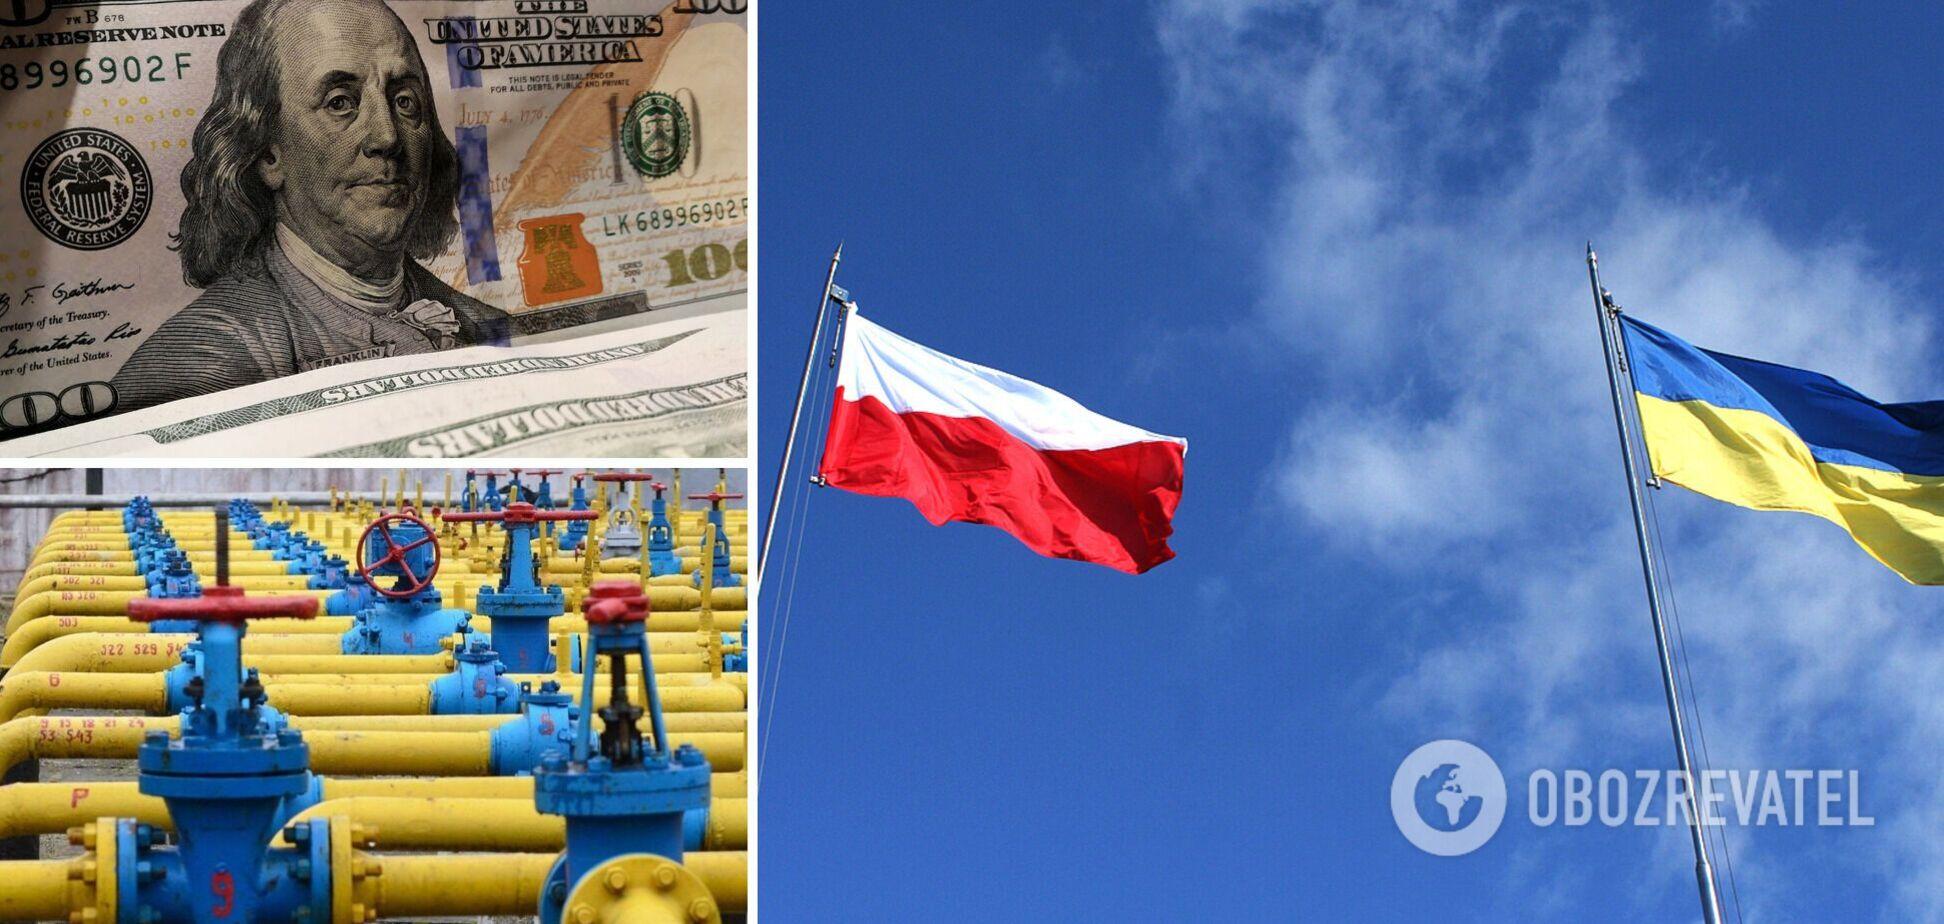 Україна і Польща хочуть створити в Східній Європі газовий хаб: Макогон розповів подробиці